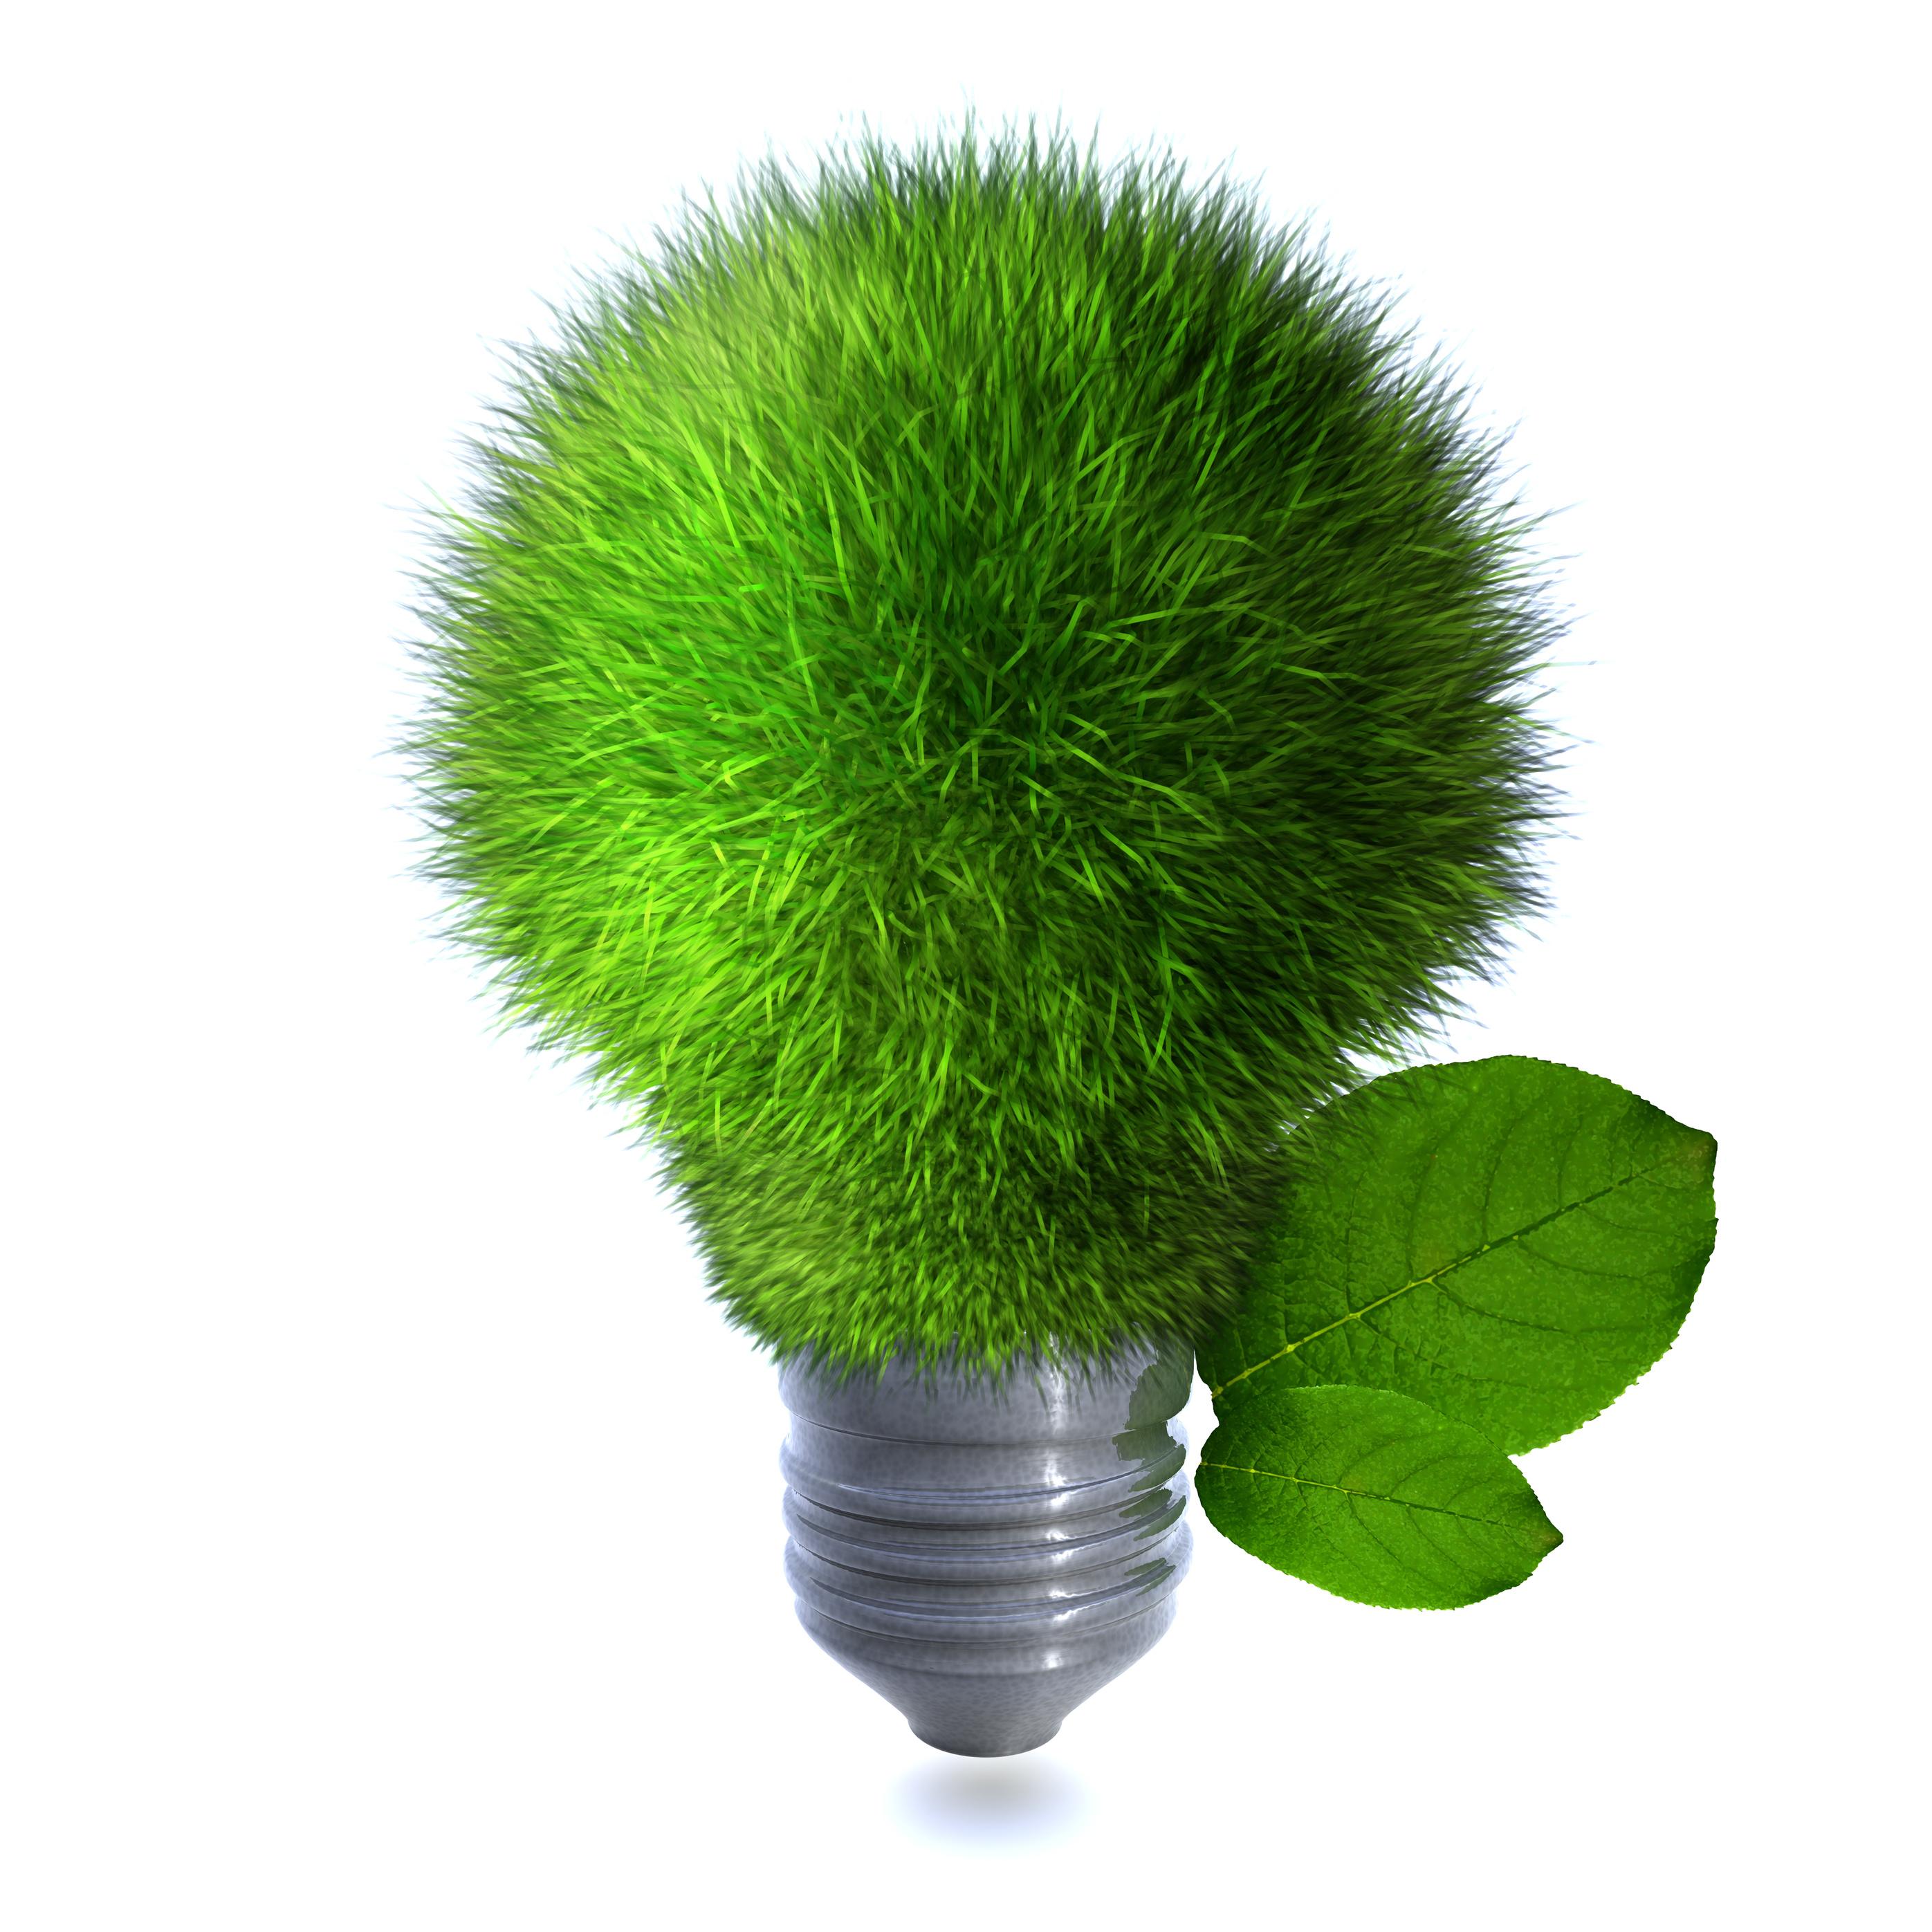 Aumento dell 39 efficienza e risparmio energetico grazie a 2g - Stufa elettrica a risparmio energetico ...